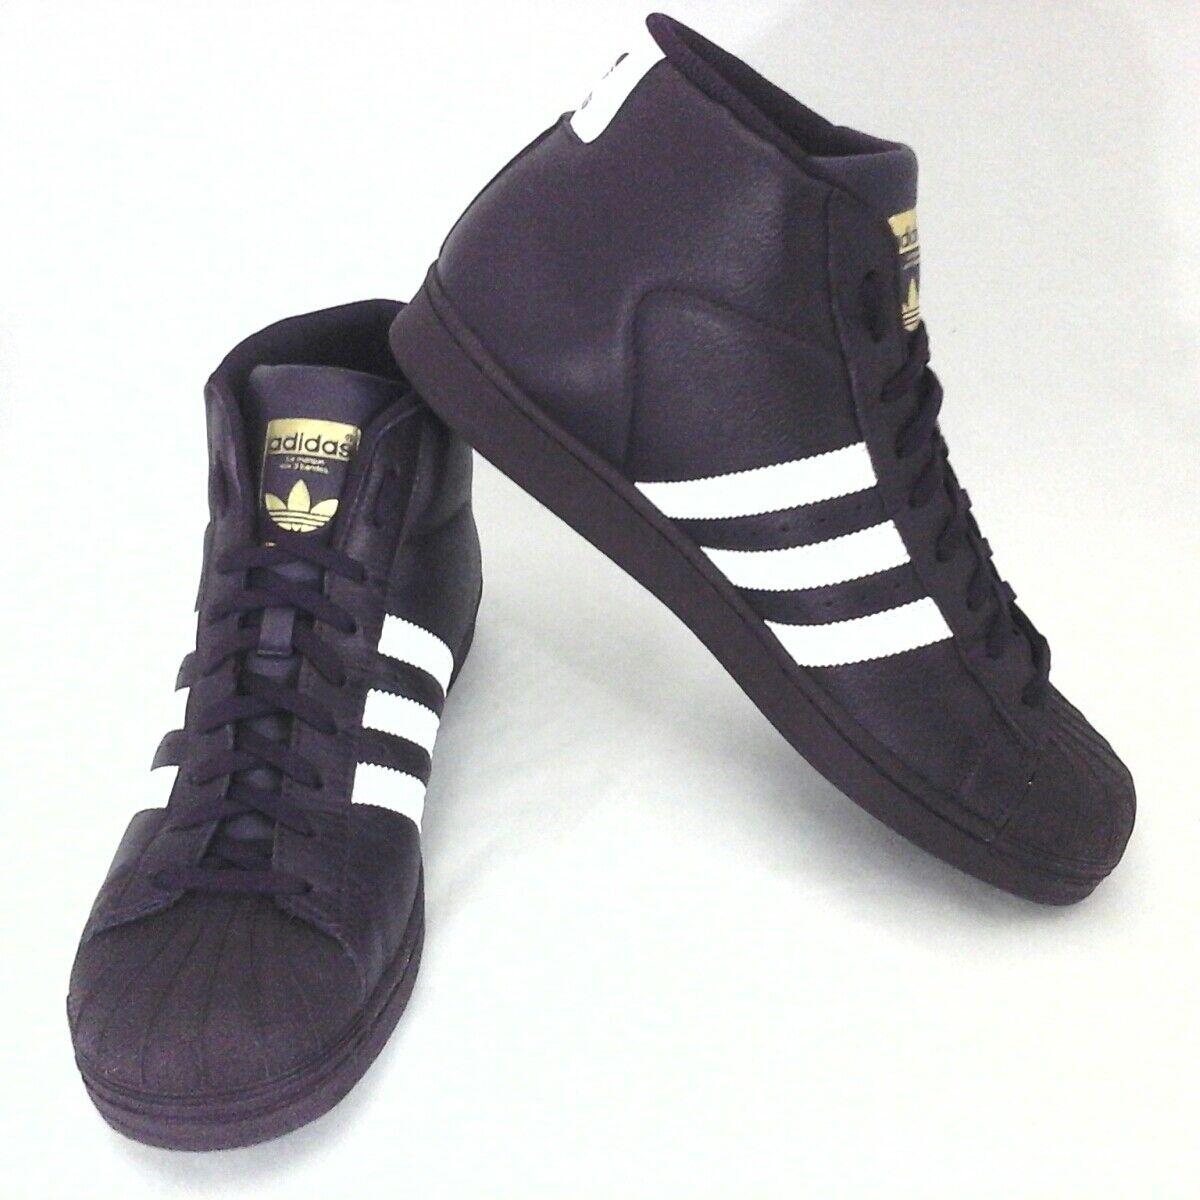 0e115484e9 http://www.importados.online/Shoes_Nuovi_amp;_All ...